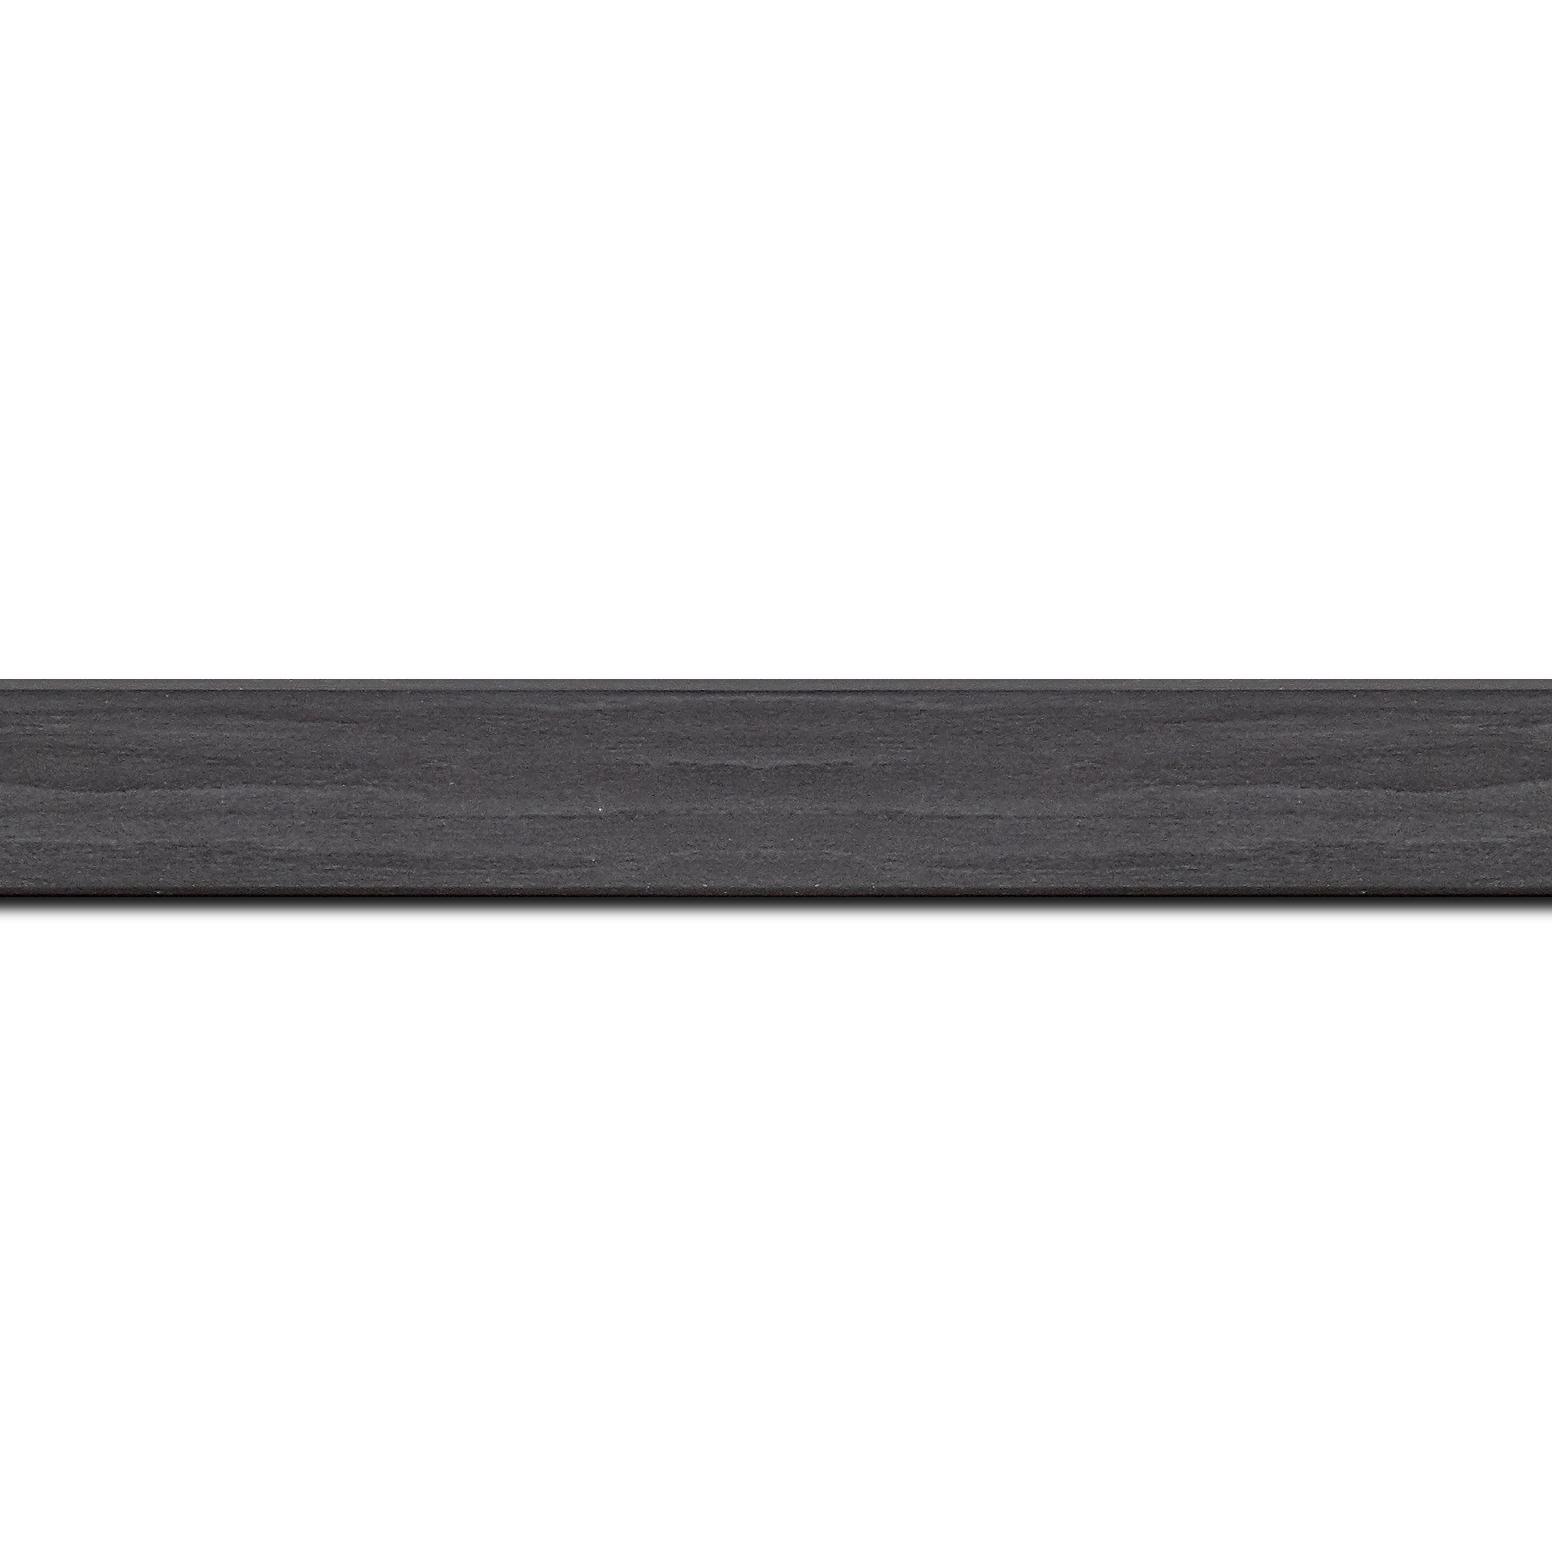 Pack par 12m, bois profil plat largeur 2cm décor bois noir ébène(longueur baguette pouvant varier entre 2.40m et 3m selon arrivage des bois)